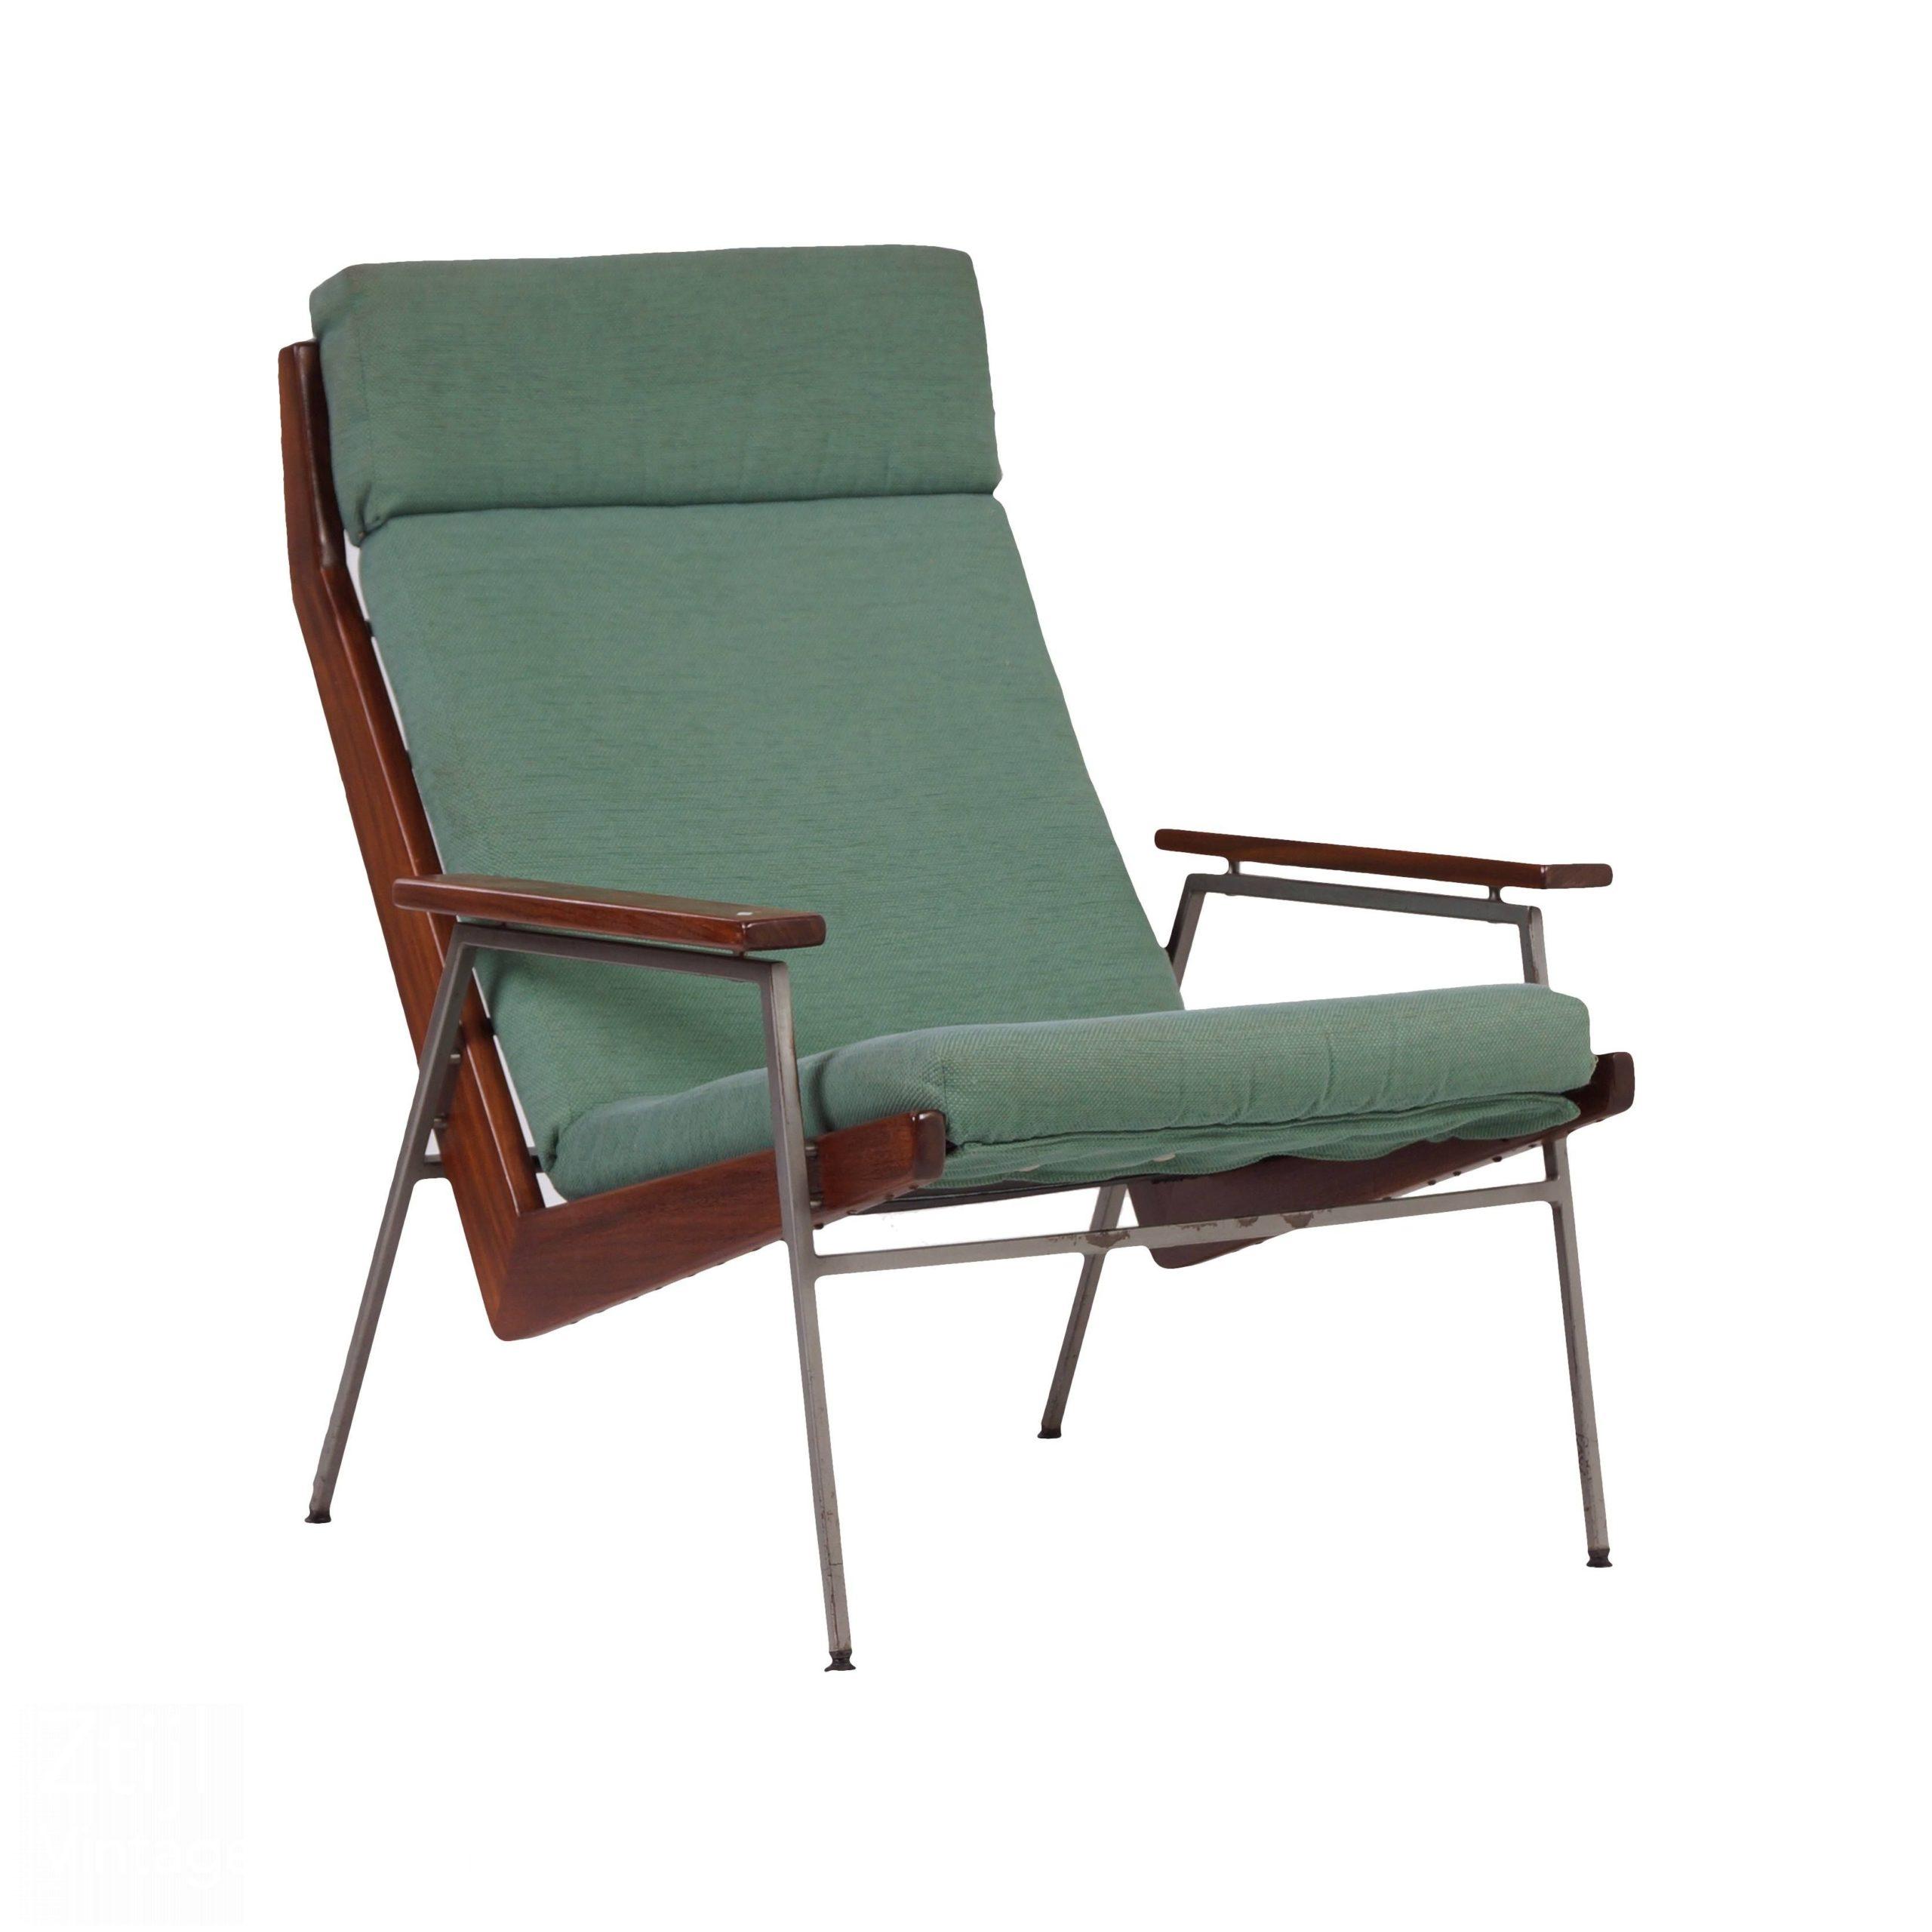 Stoelen Van Gelderland.Vintage Gelderland Fauteuil Model 2261 Ca 1960s Groen